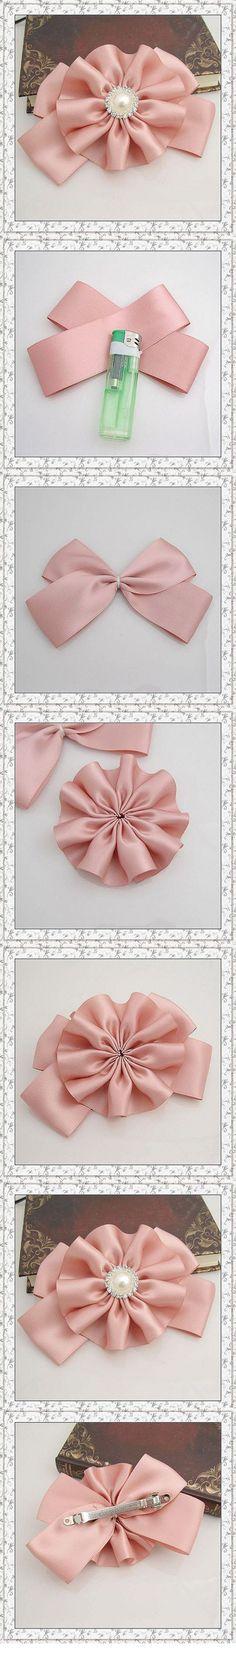 粉色花朵蝴...来自静若止水的图片分享-堆糖